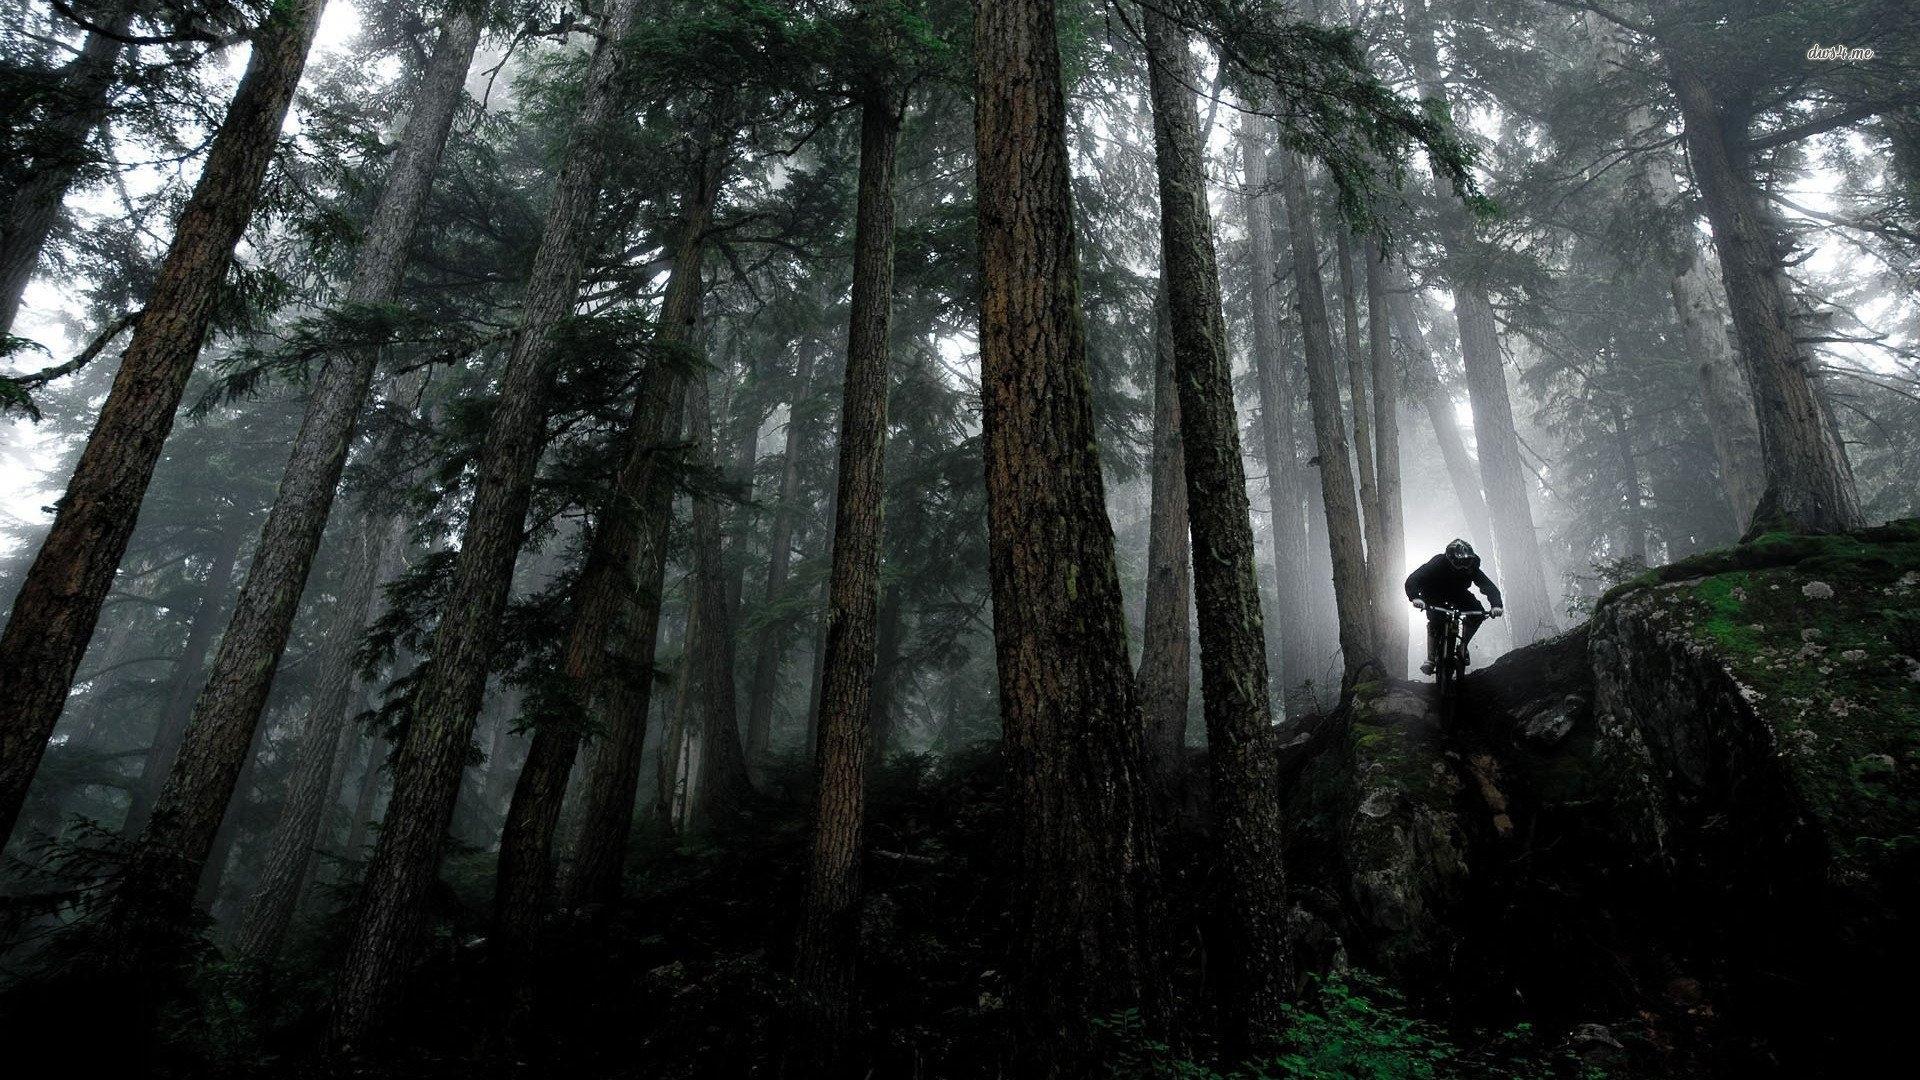 10 New Hd Mountain Bike Wallpaper Full Hd 1920 1080 For Pc Desktop